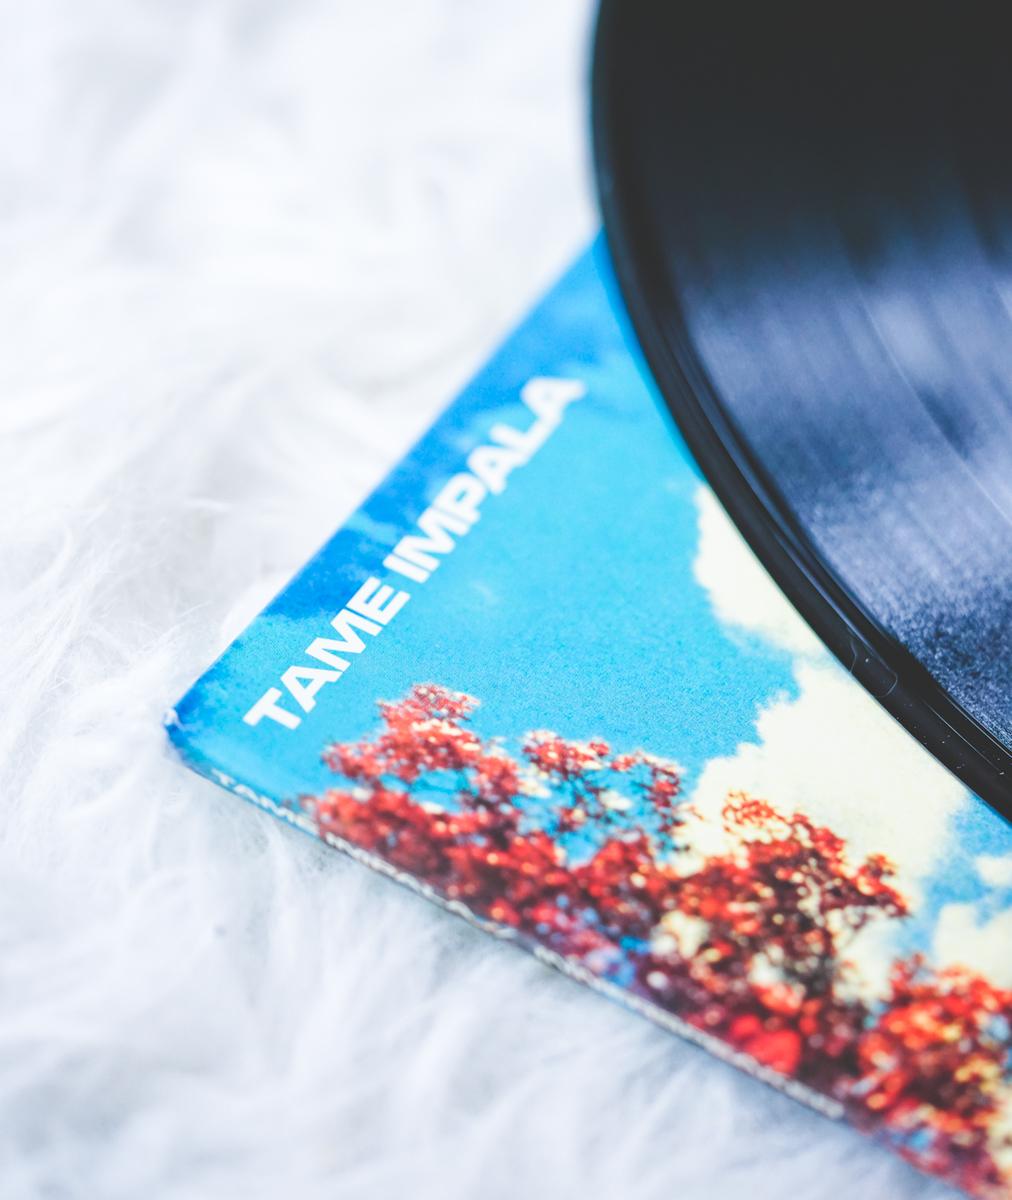 tameimpala_vinyl